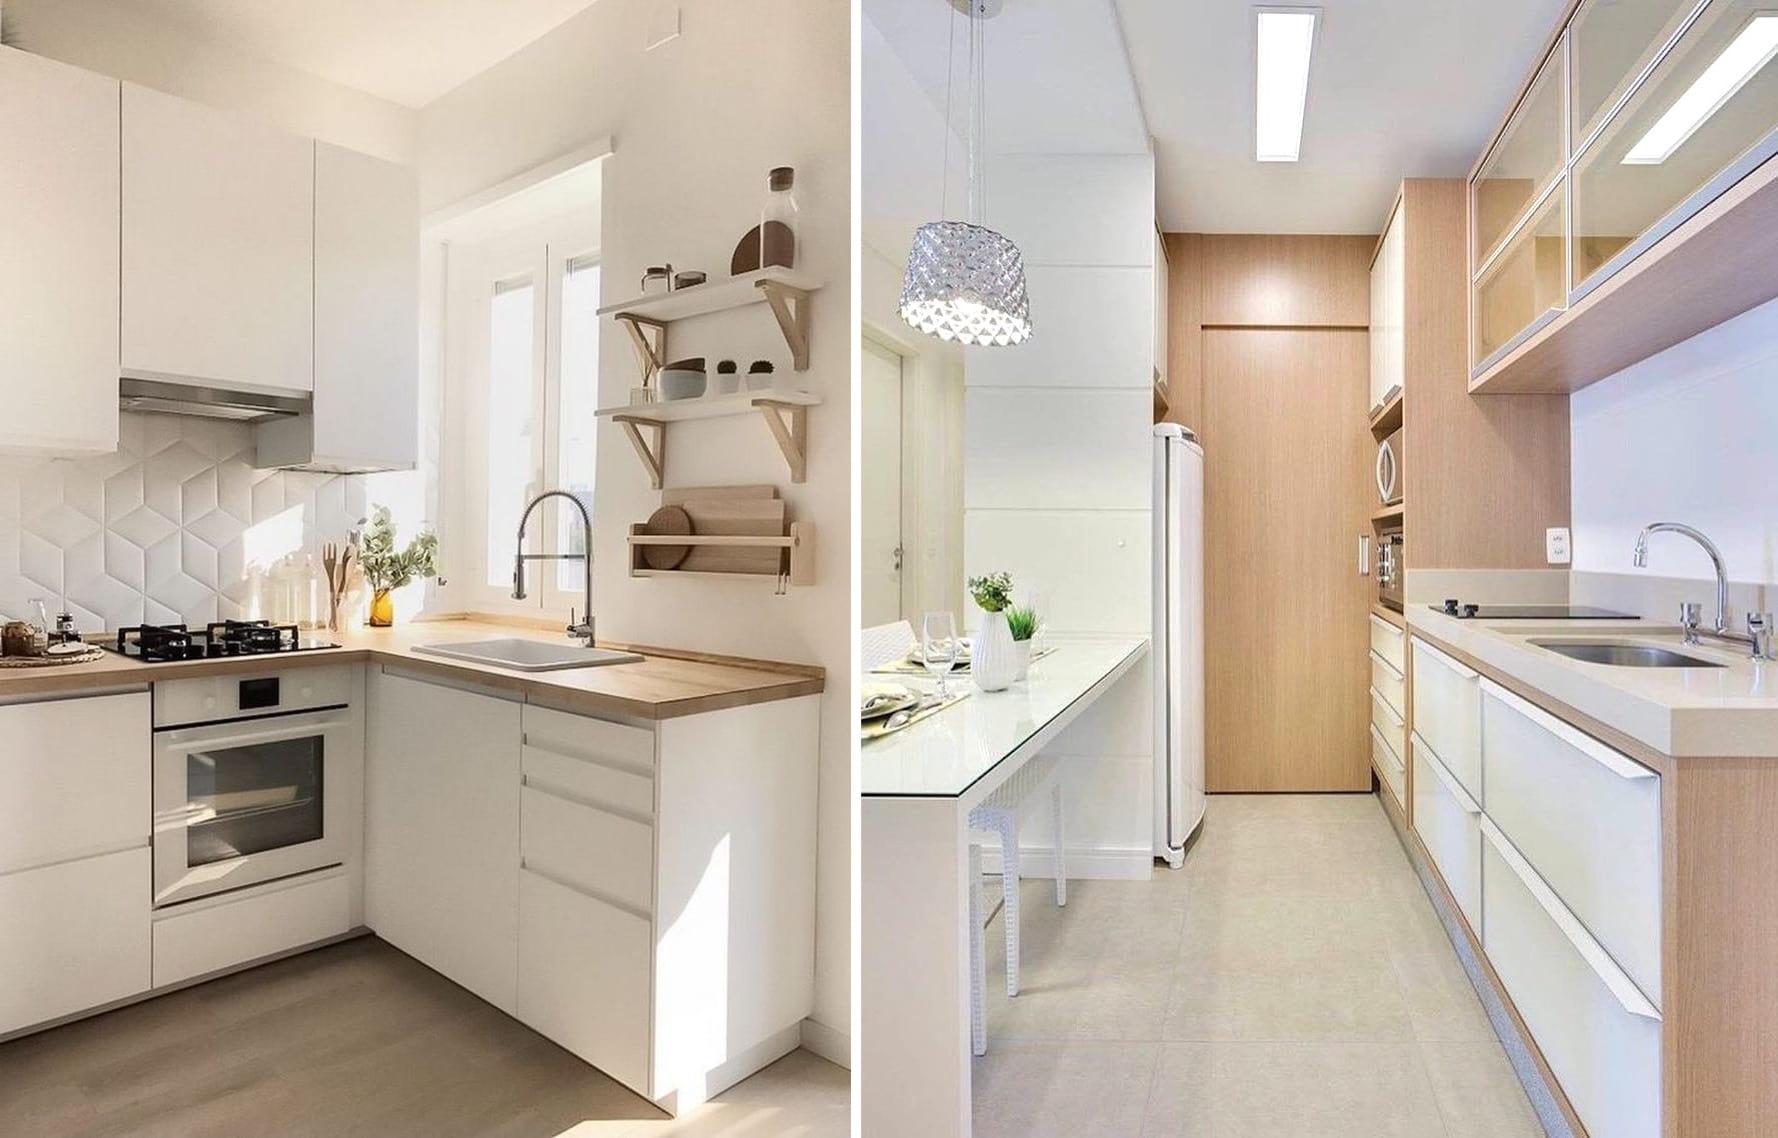 Une cuisine de style scandinave, où le blanc prédomine, est toujours spectaculaire et élégante.